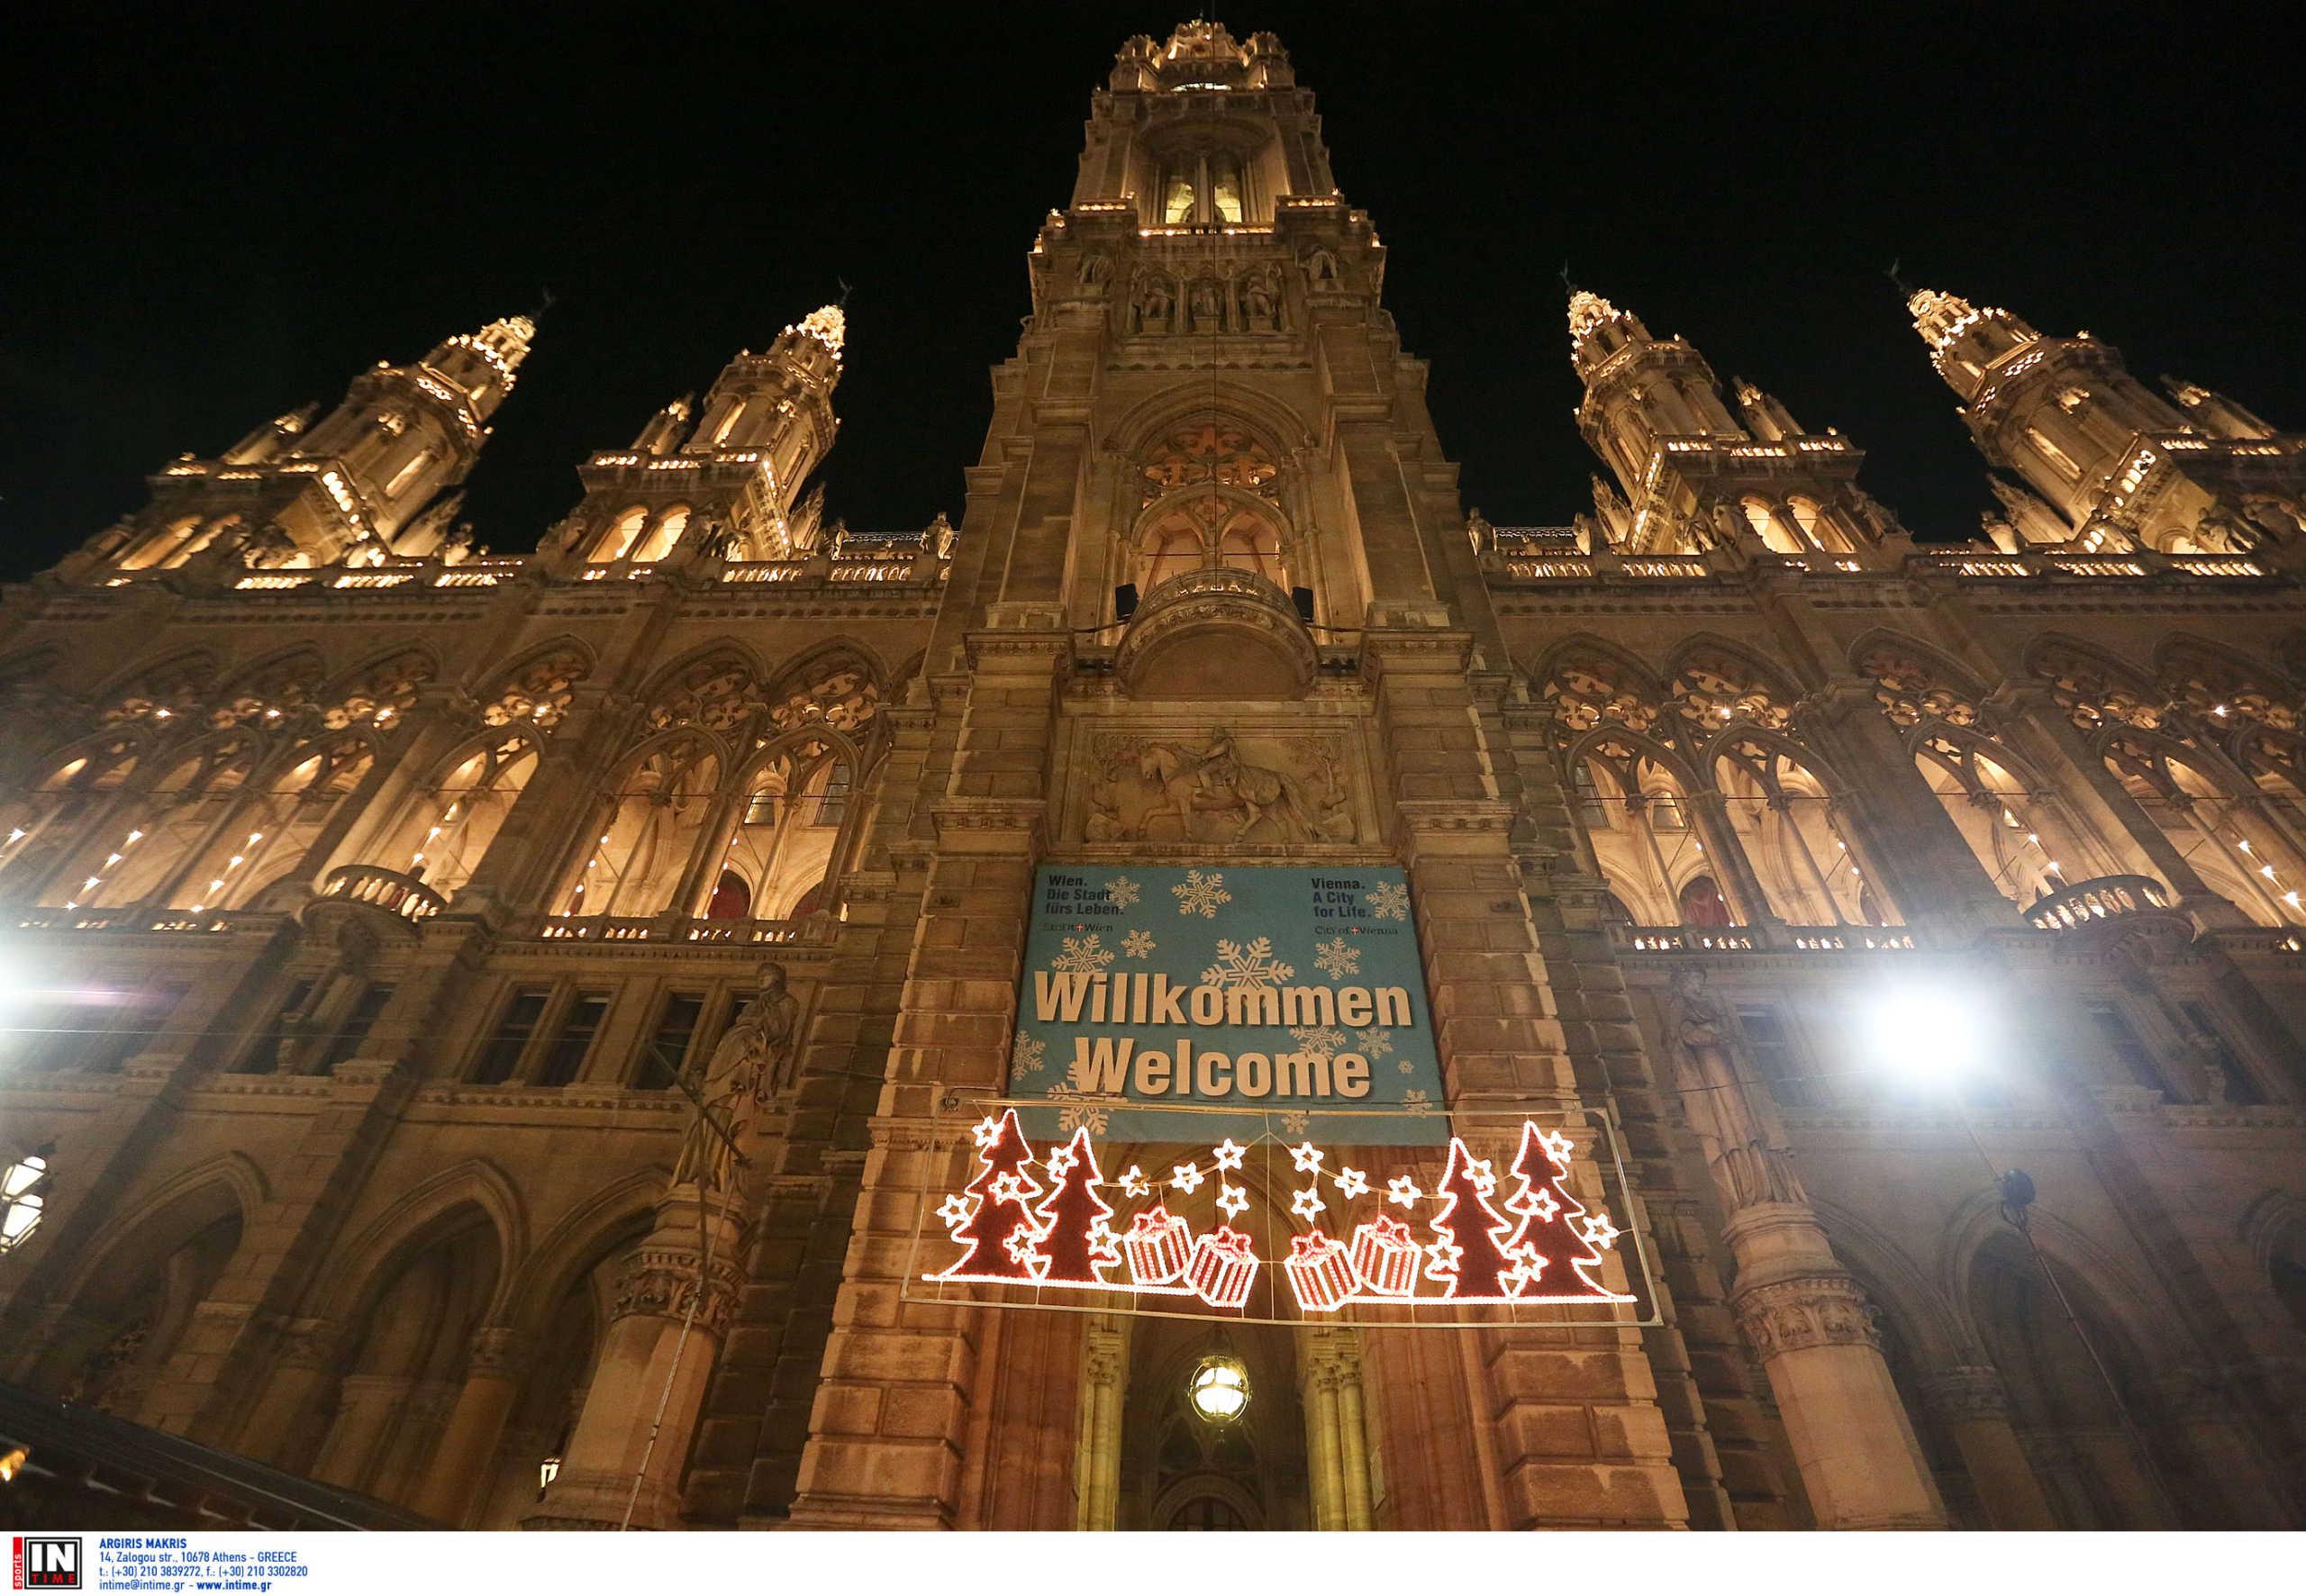 Βόλος: Πέθανε στη Βιέννη η Άννα Μαρία Μαλισιώβα! Σκηνές αρχαίας τραγωδίας στο ξενοδοχείο που έμενε